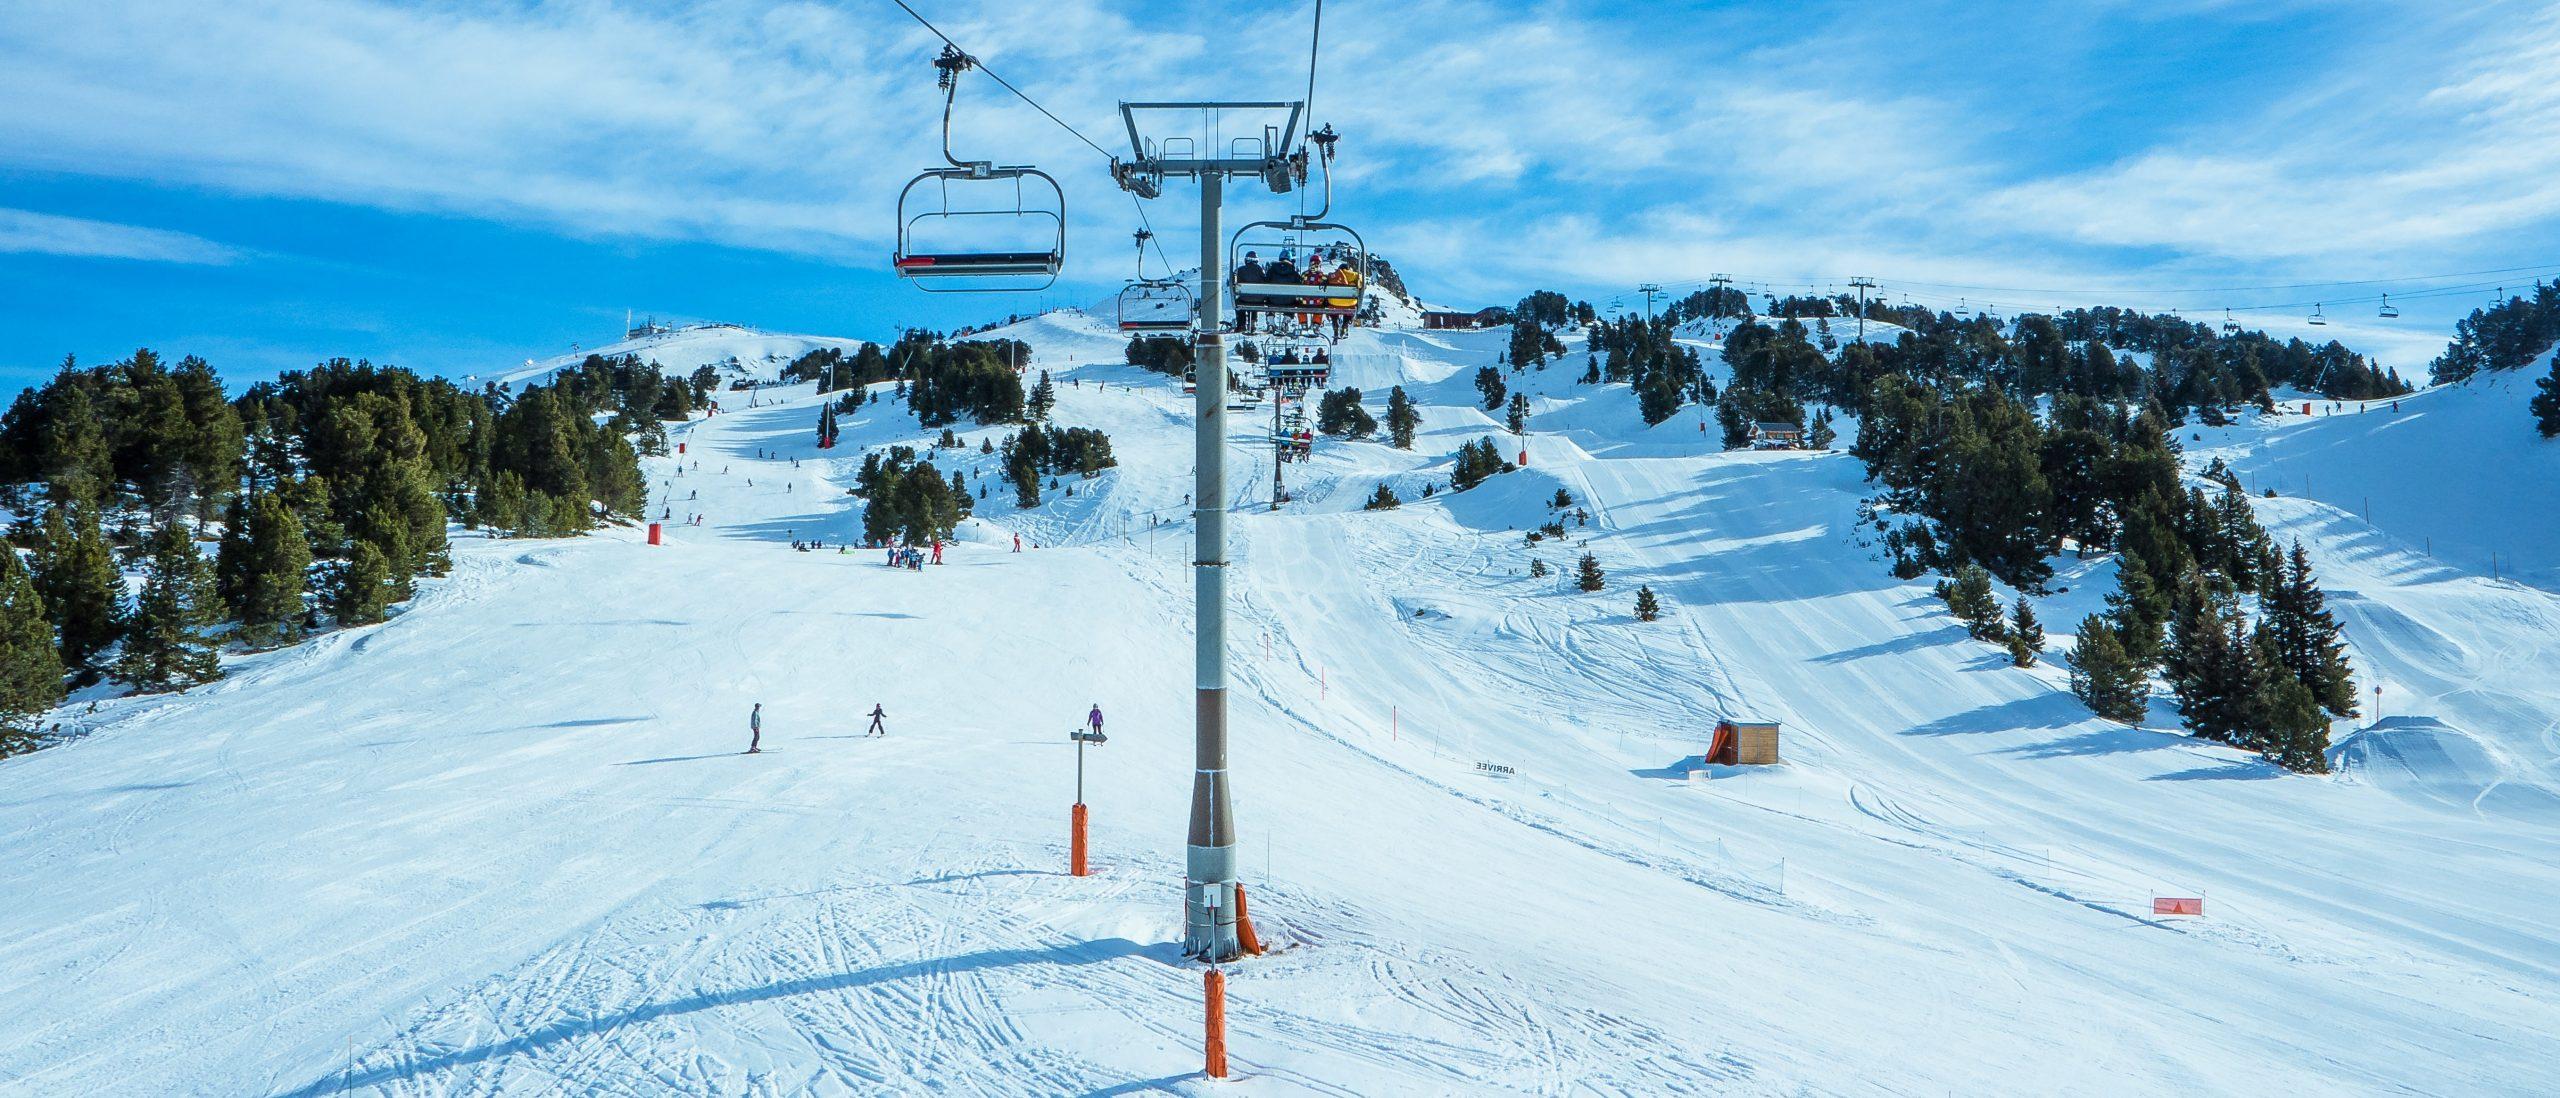 Storybild  warum-kriselt-es-bei-oesterreichs-skifahrern-peter-filzmaier 01